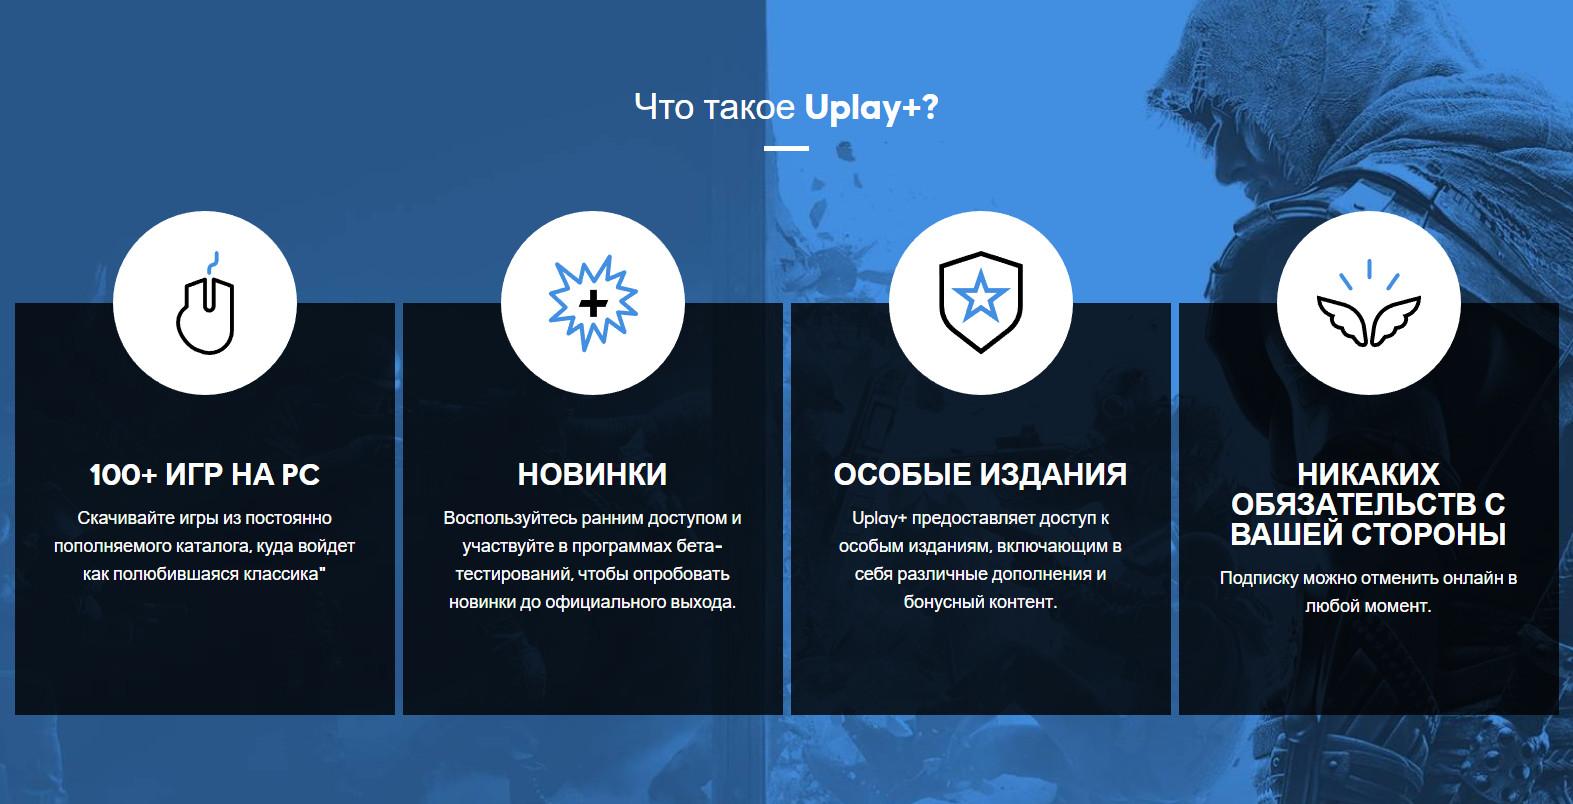 Предложения от Ubisoft